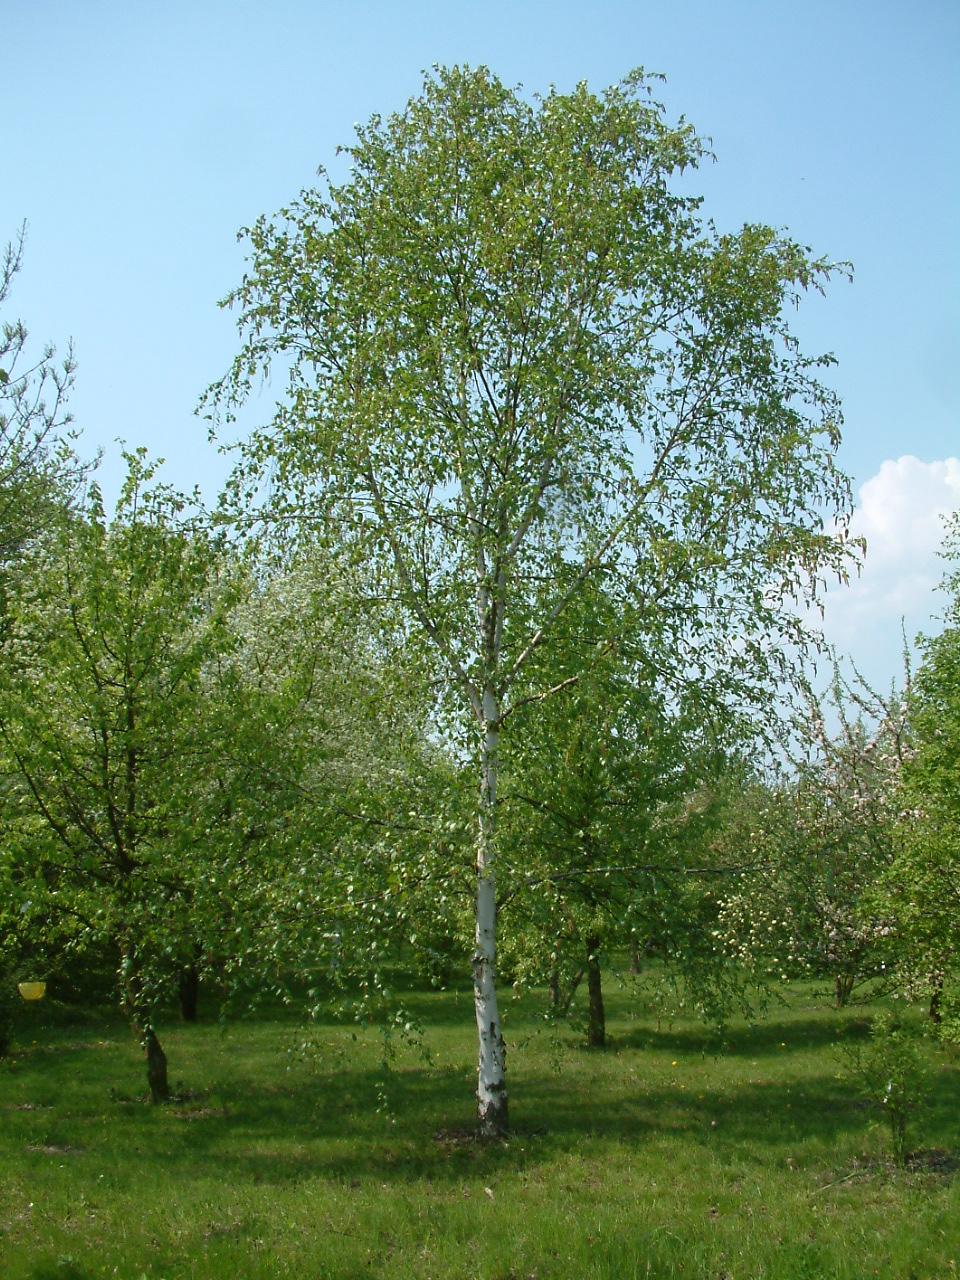 Breza previsnutá – nenáročný strom, biela kôra, visiace konáre